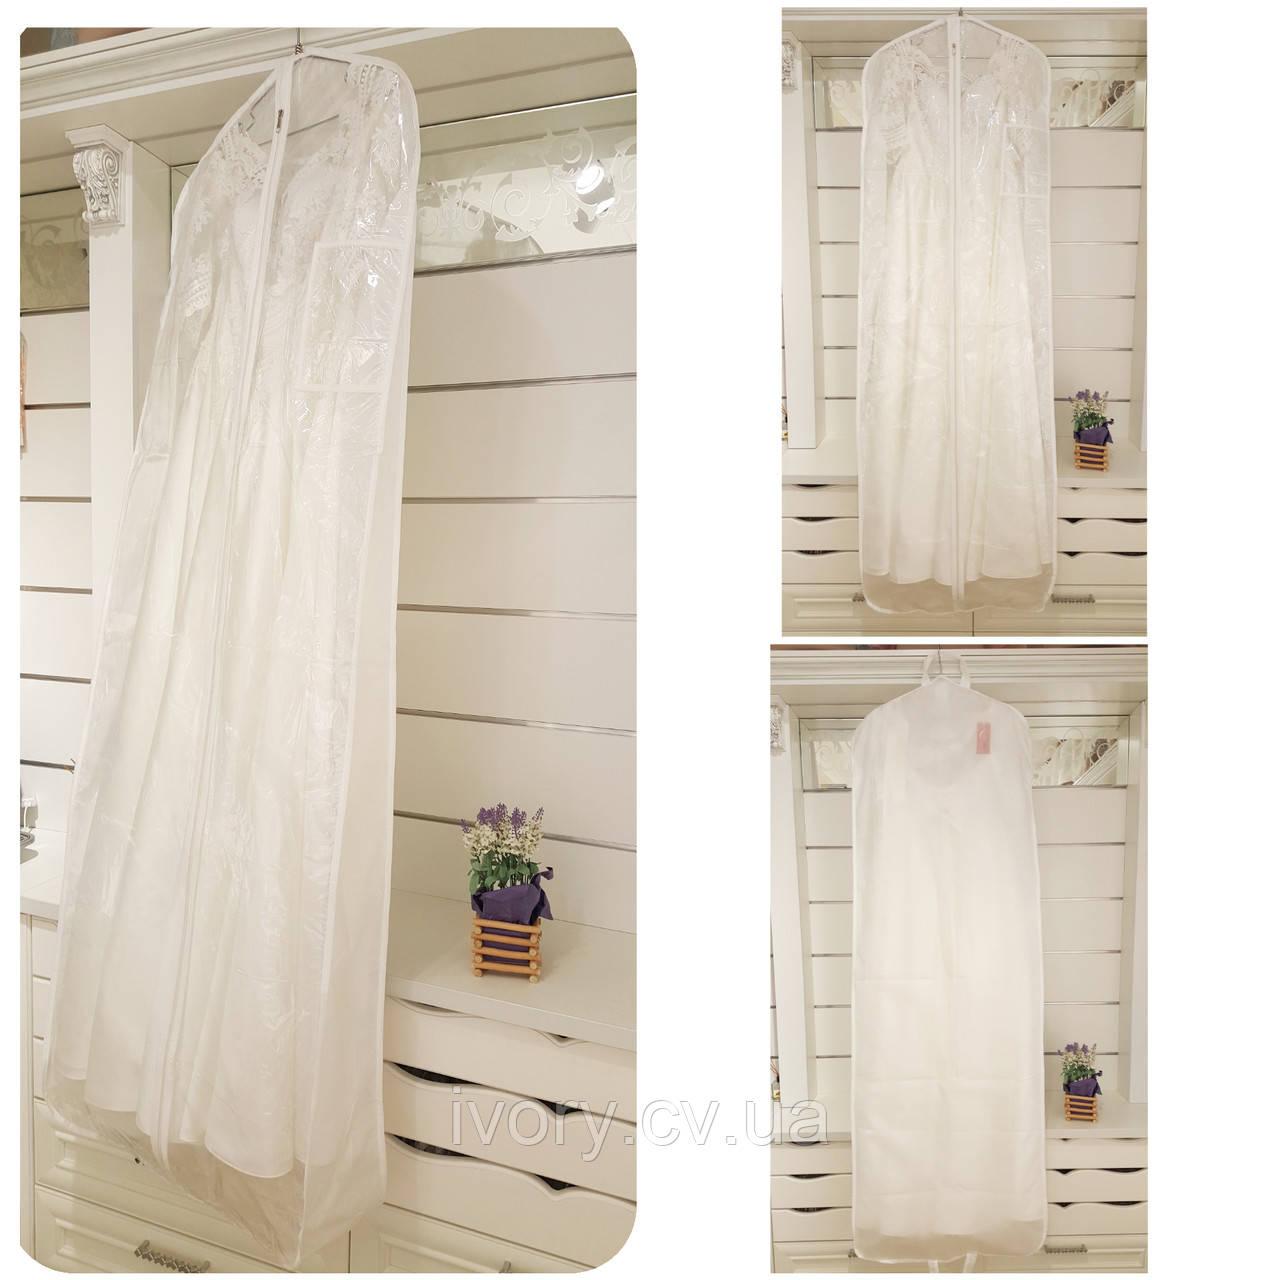 Чехол для свадебного платья белый (80*180) С распоркой